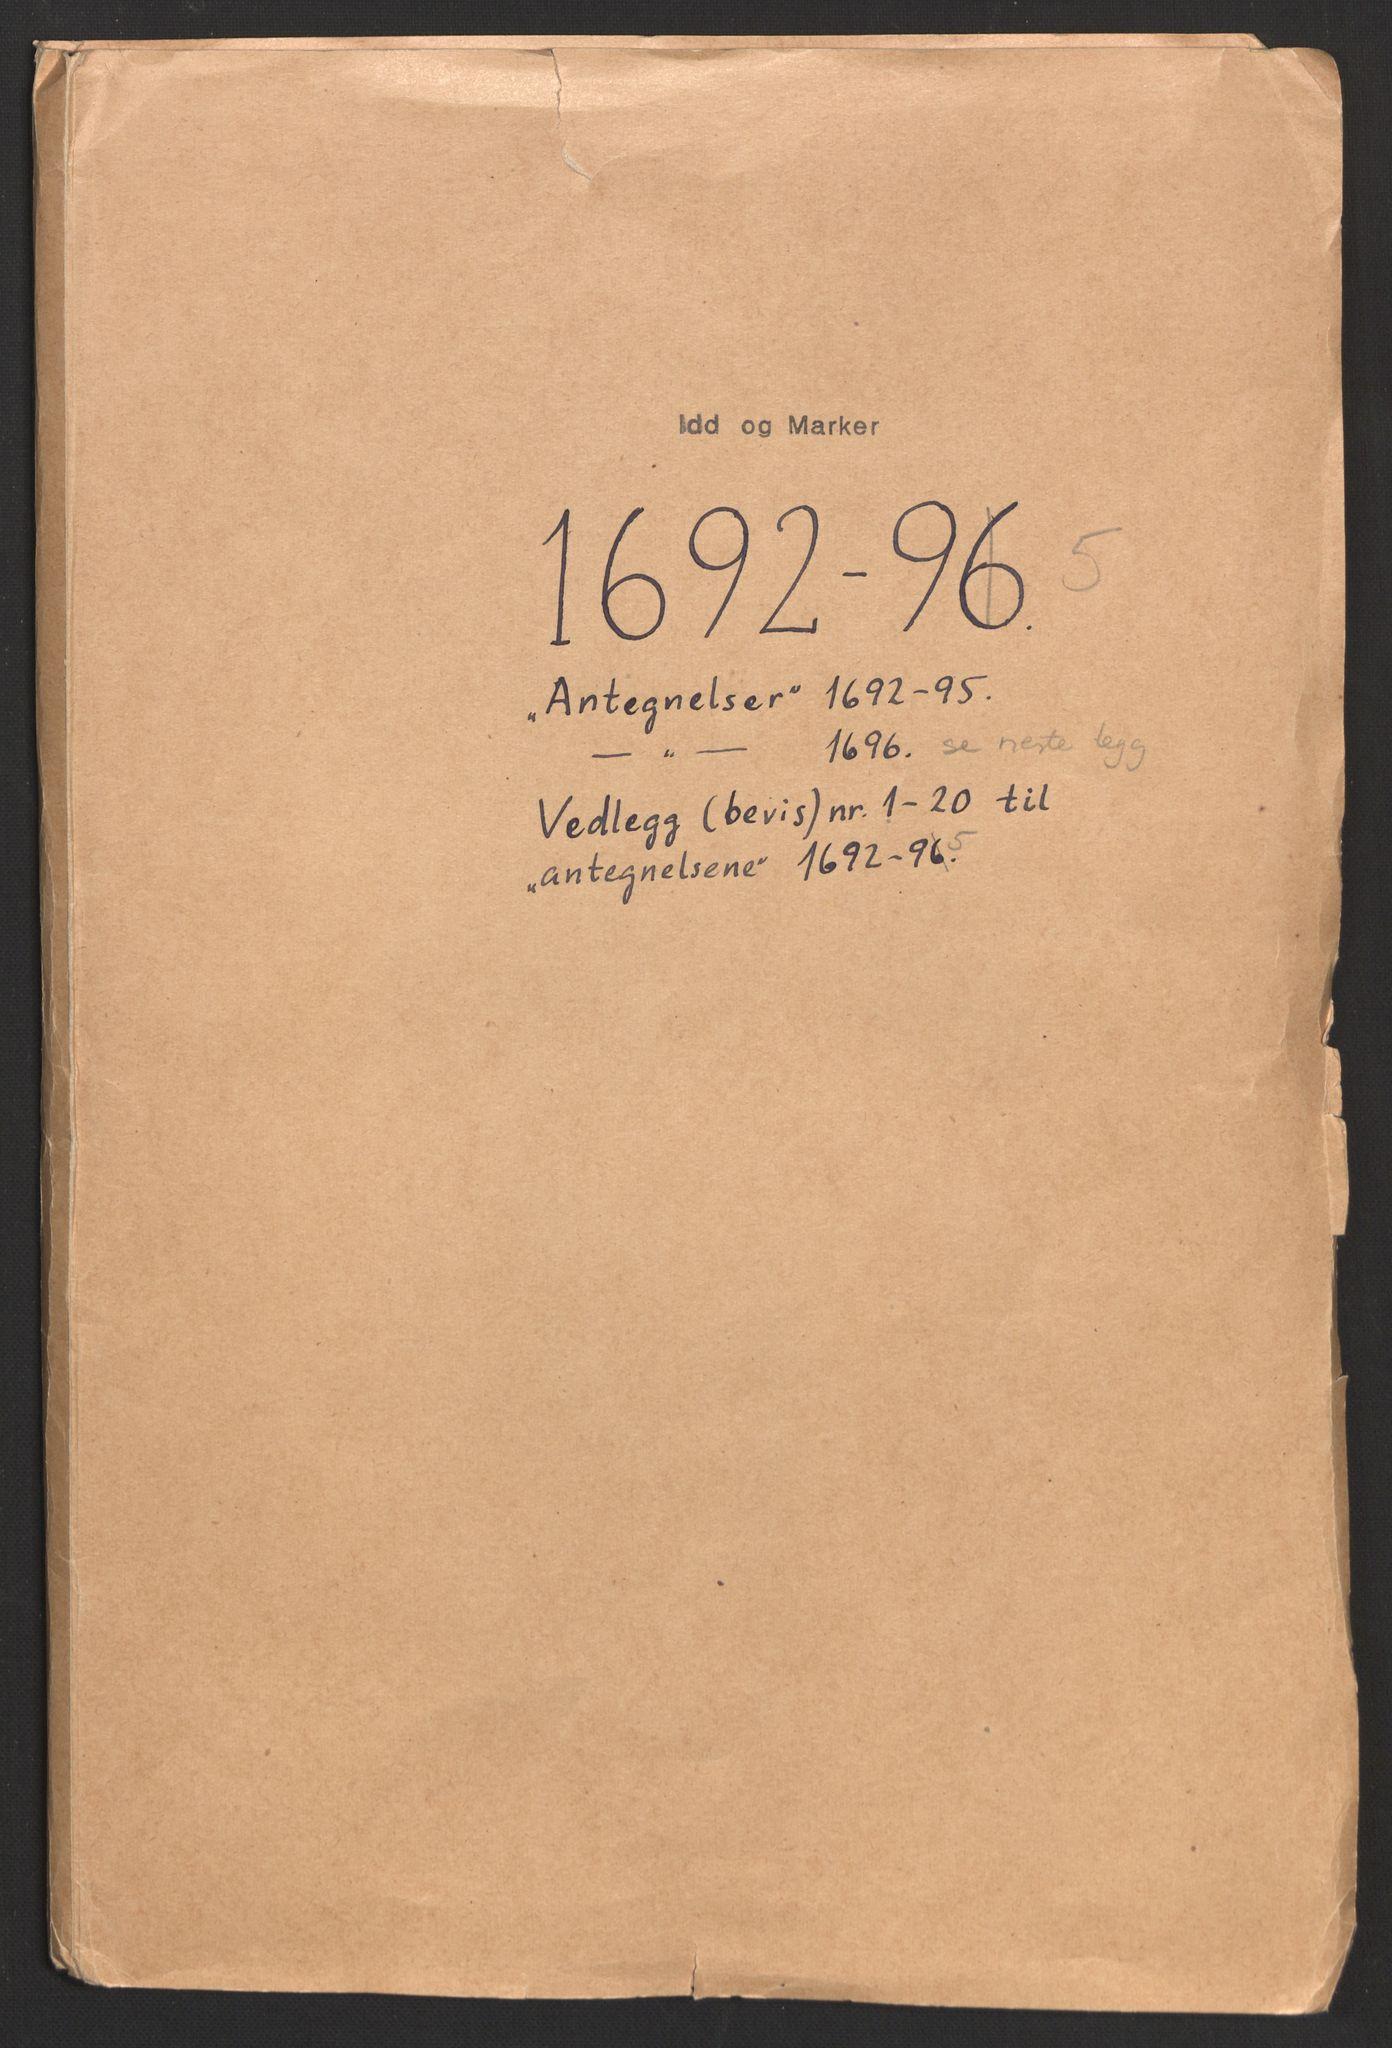 RA, Rentekammeret inntil 1814, Reviderte regnskaper, Fogderegnskap, R01/L0013: Fogderegnskap Idd og Marker, 1696-1698, p. 2